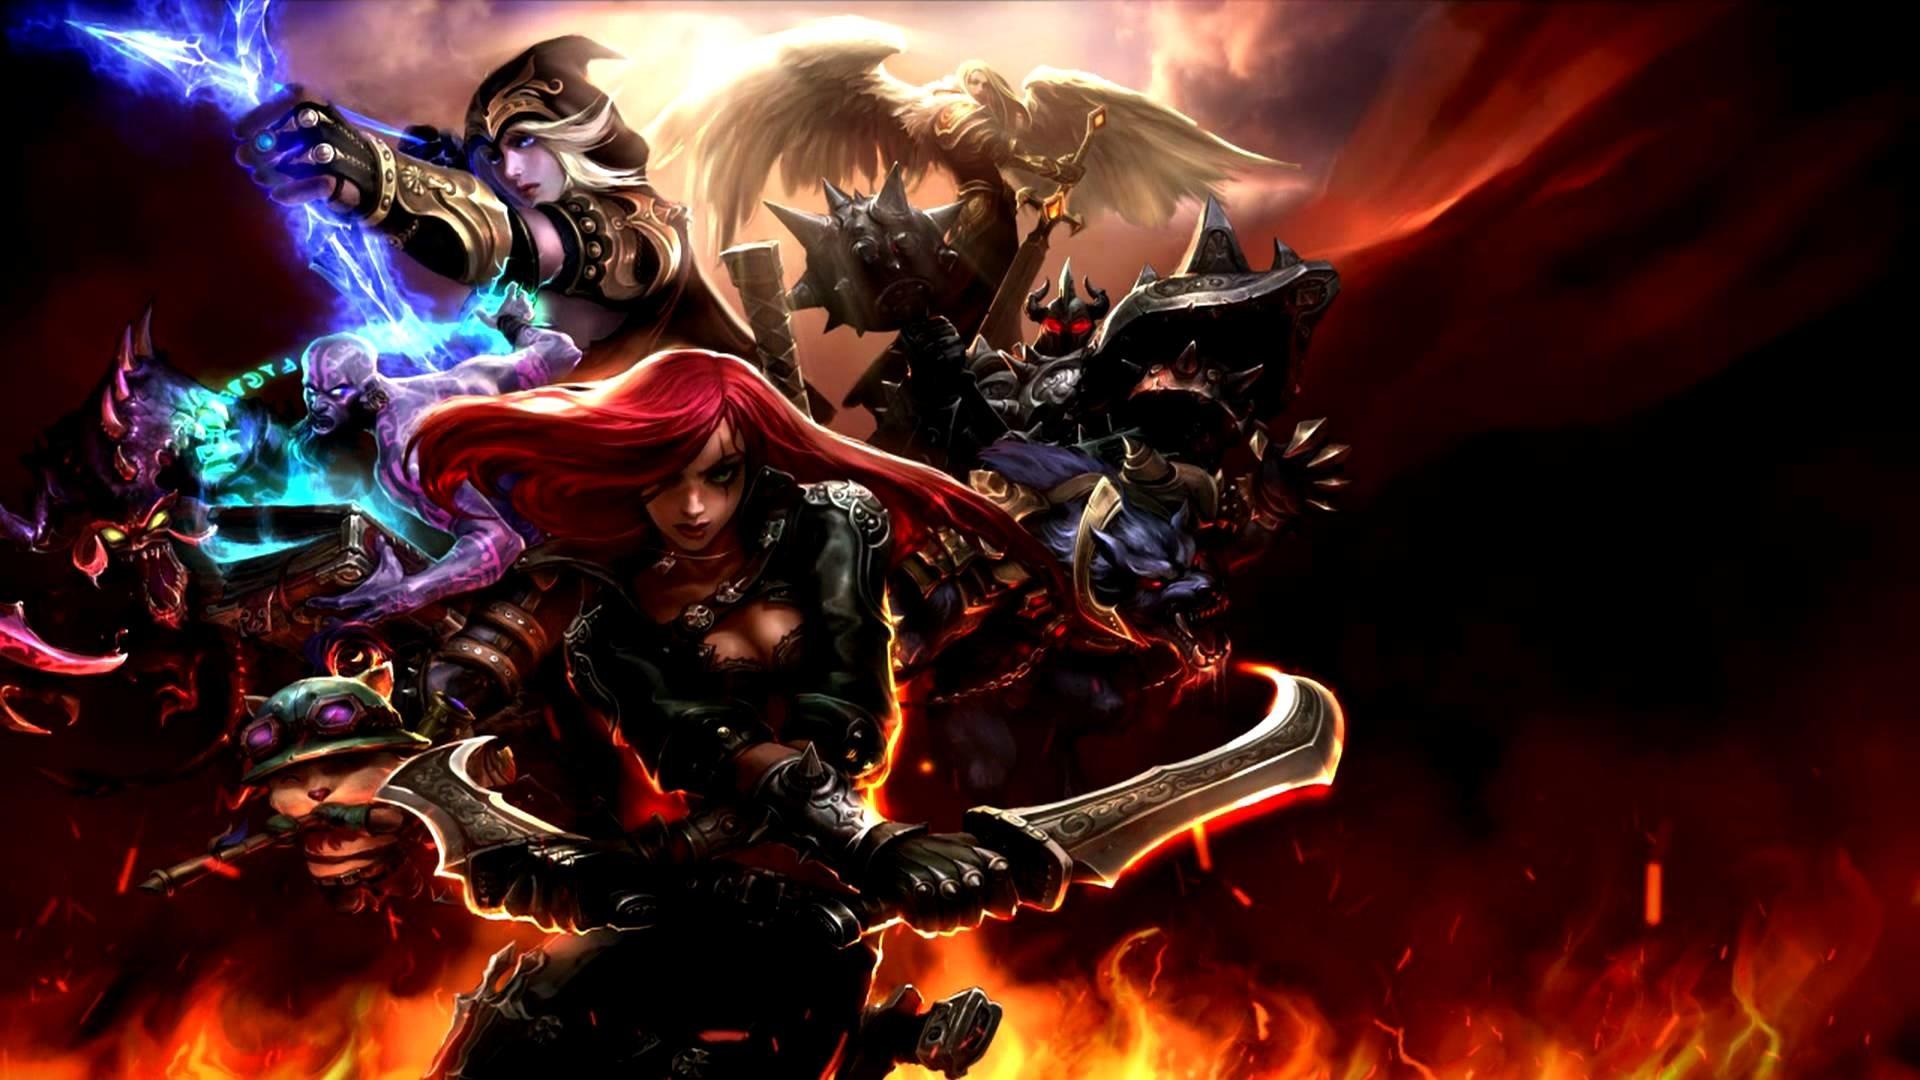 League of Legends Dynamic Wallpaper HD 1080